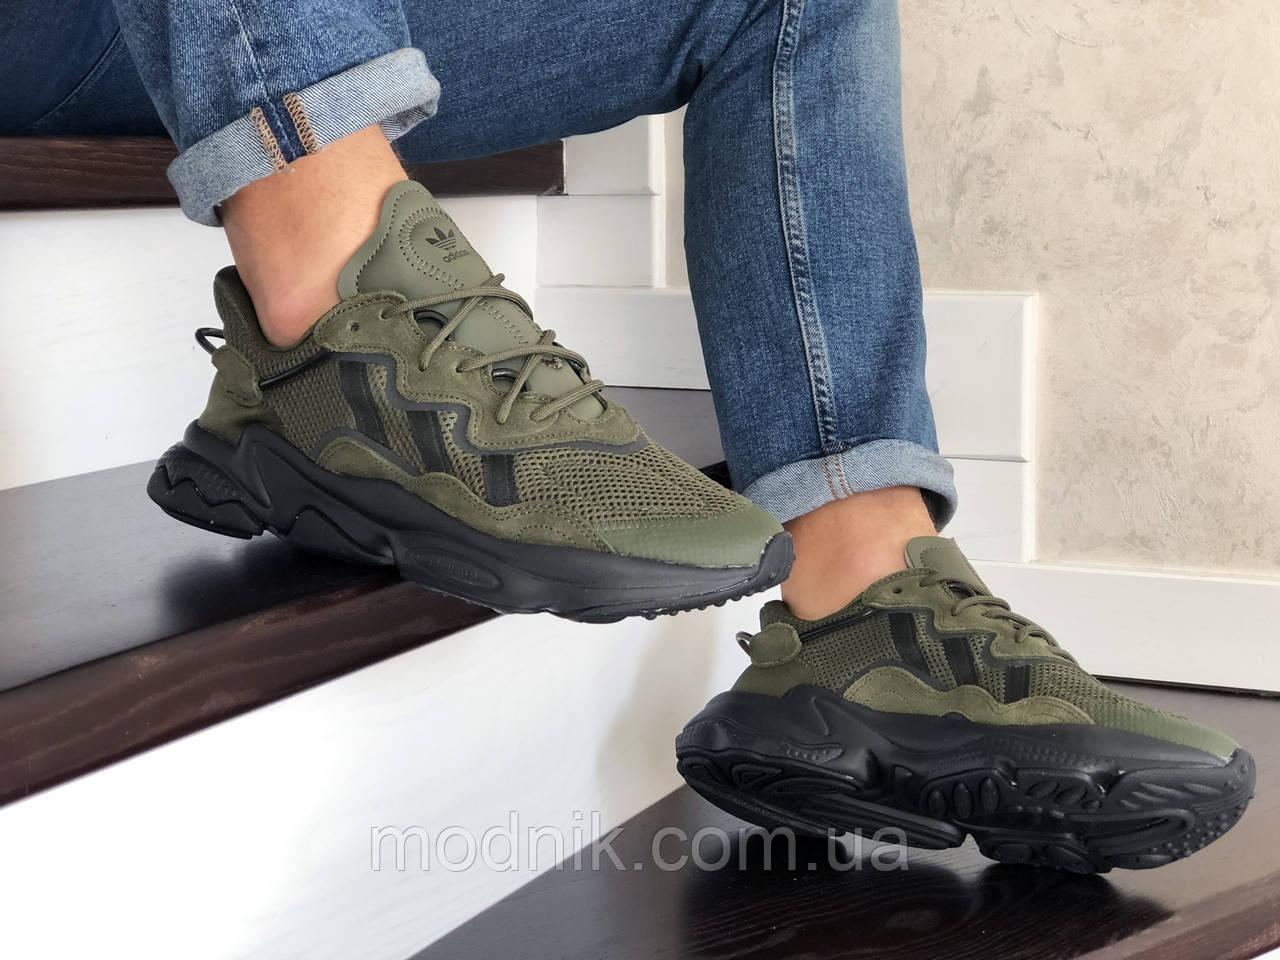 Мужские кроссовки Adidas Ozweego TR (темно-зеленые) - весна-осень